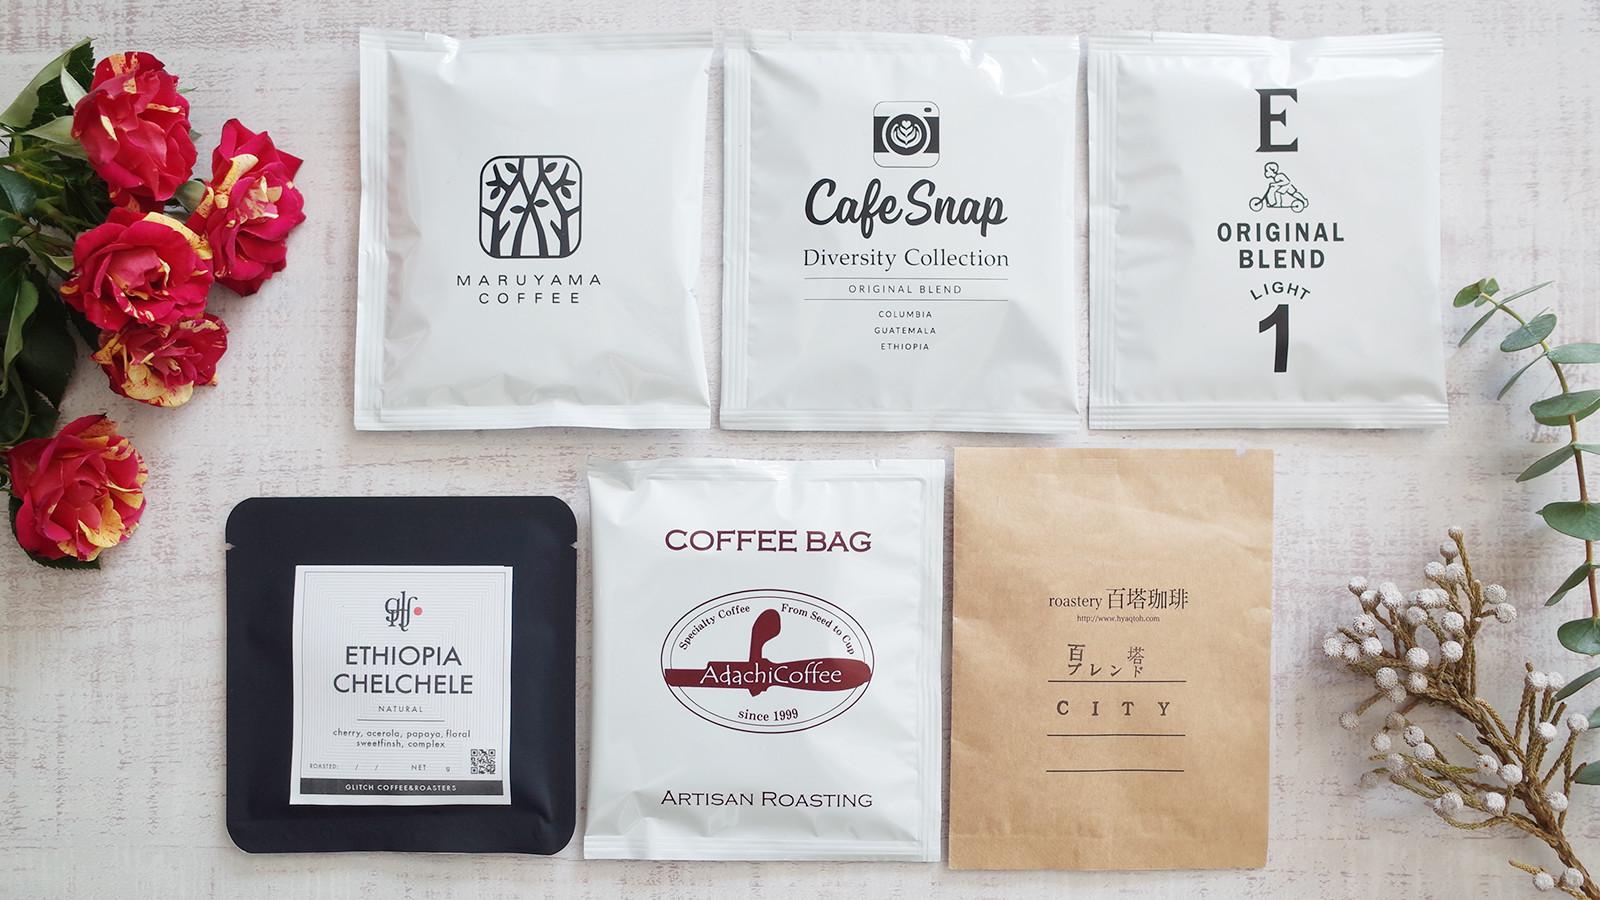 クリスマスギフトや自分ご褒美に♪ 豪華コーヒー店×6のドリップバッグセット発売!